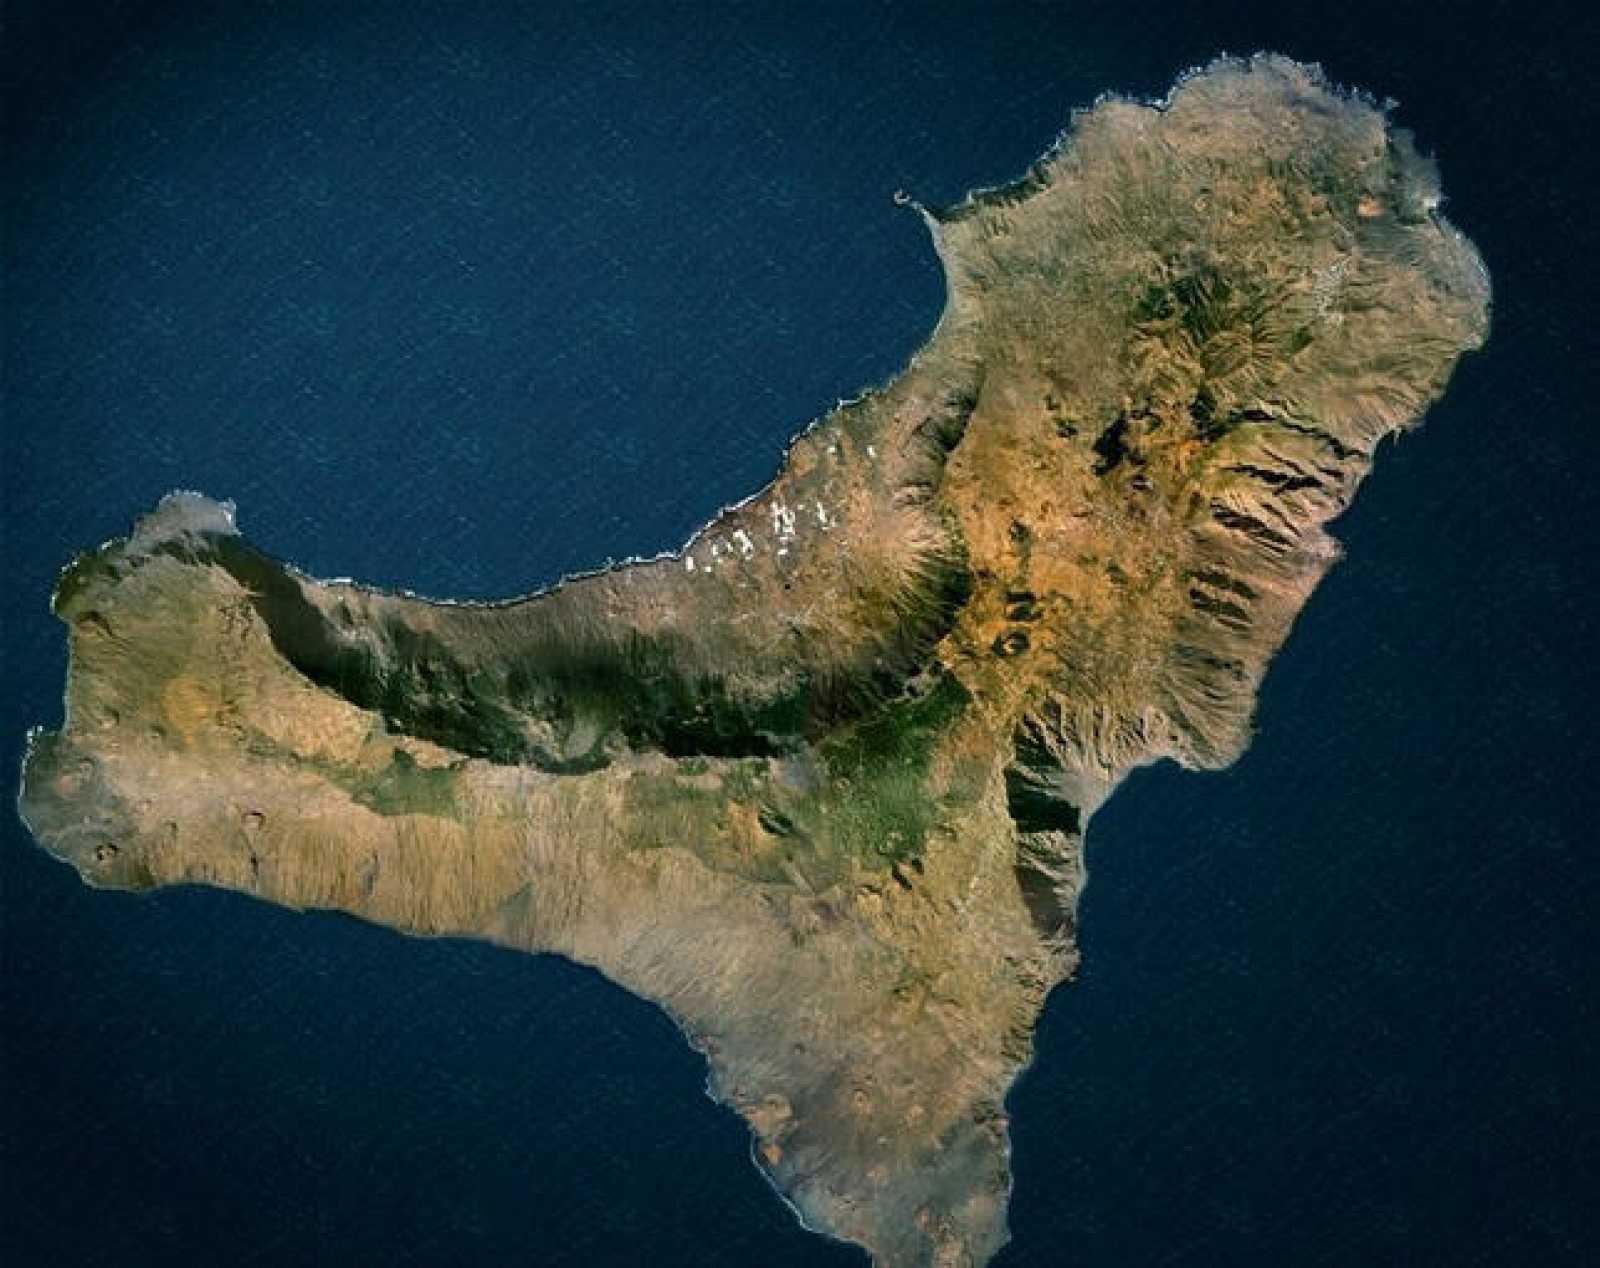 Imagen satélite de la isla de El Hierro.